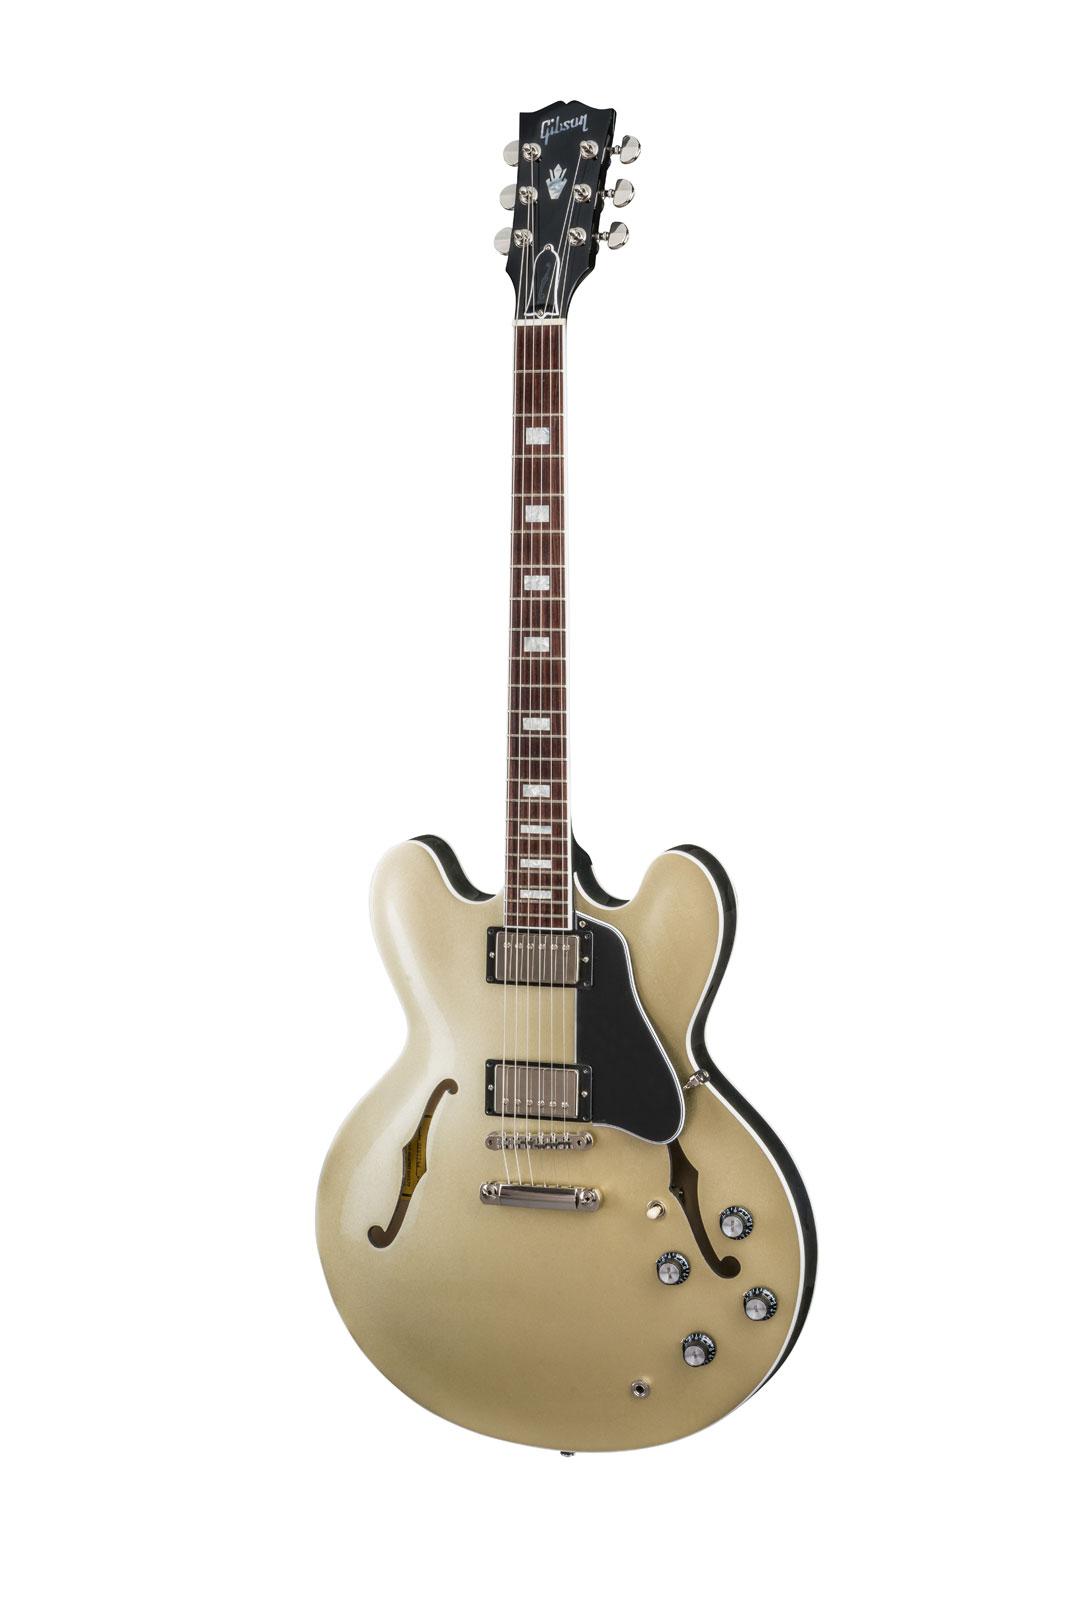 Gibson Es-335 Metallic Top Baroque Gold Baroque Gold Metallic 2018